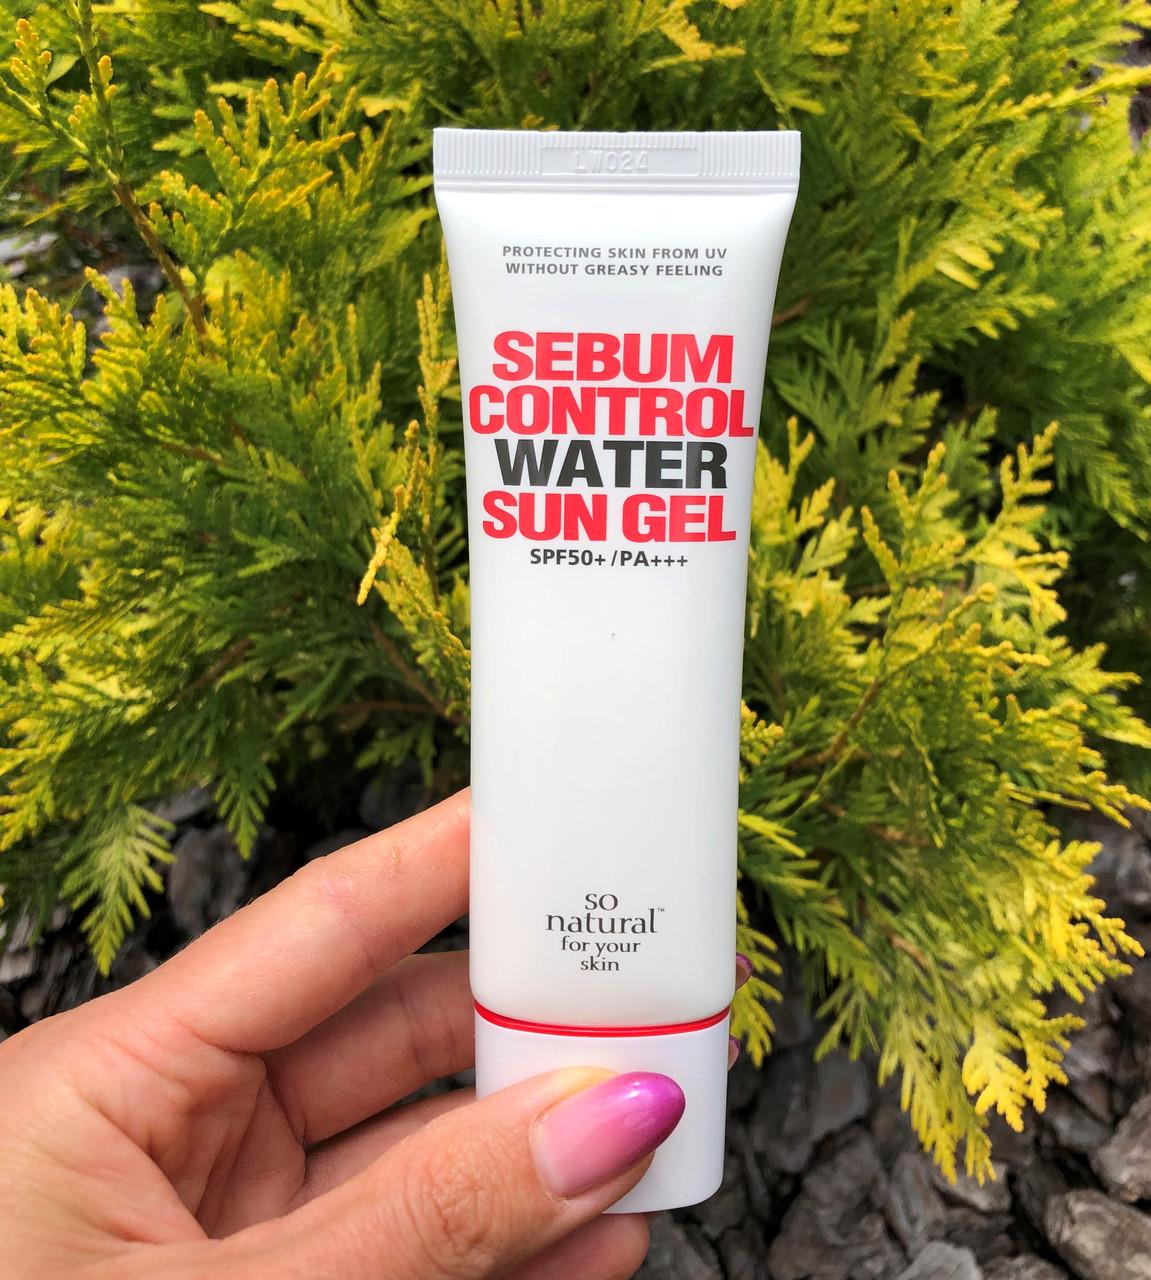 Солнцезащитный гель для жирной кожи So Natural Sebum Control Water Sun Gel